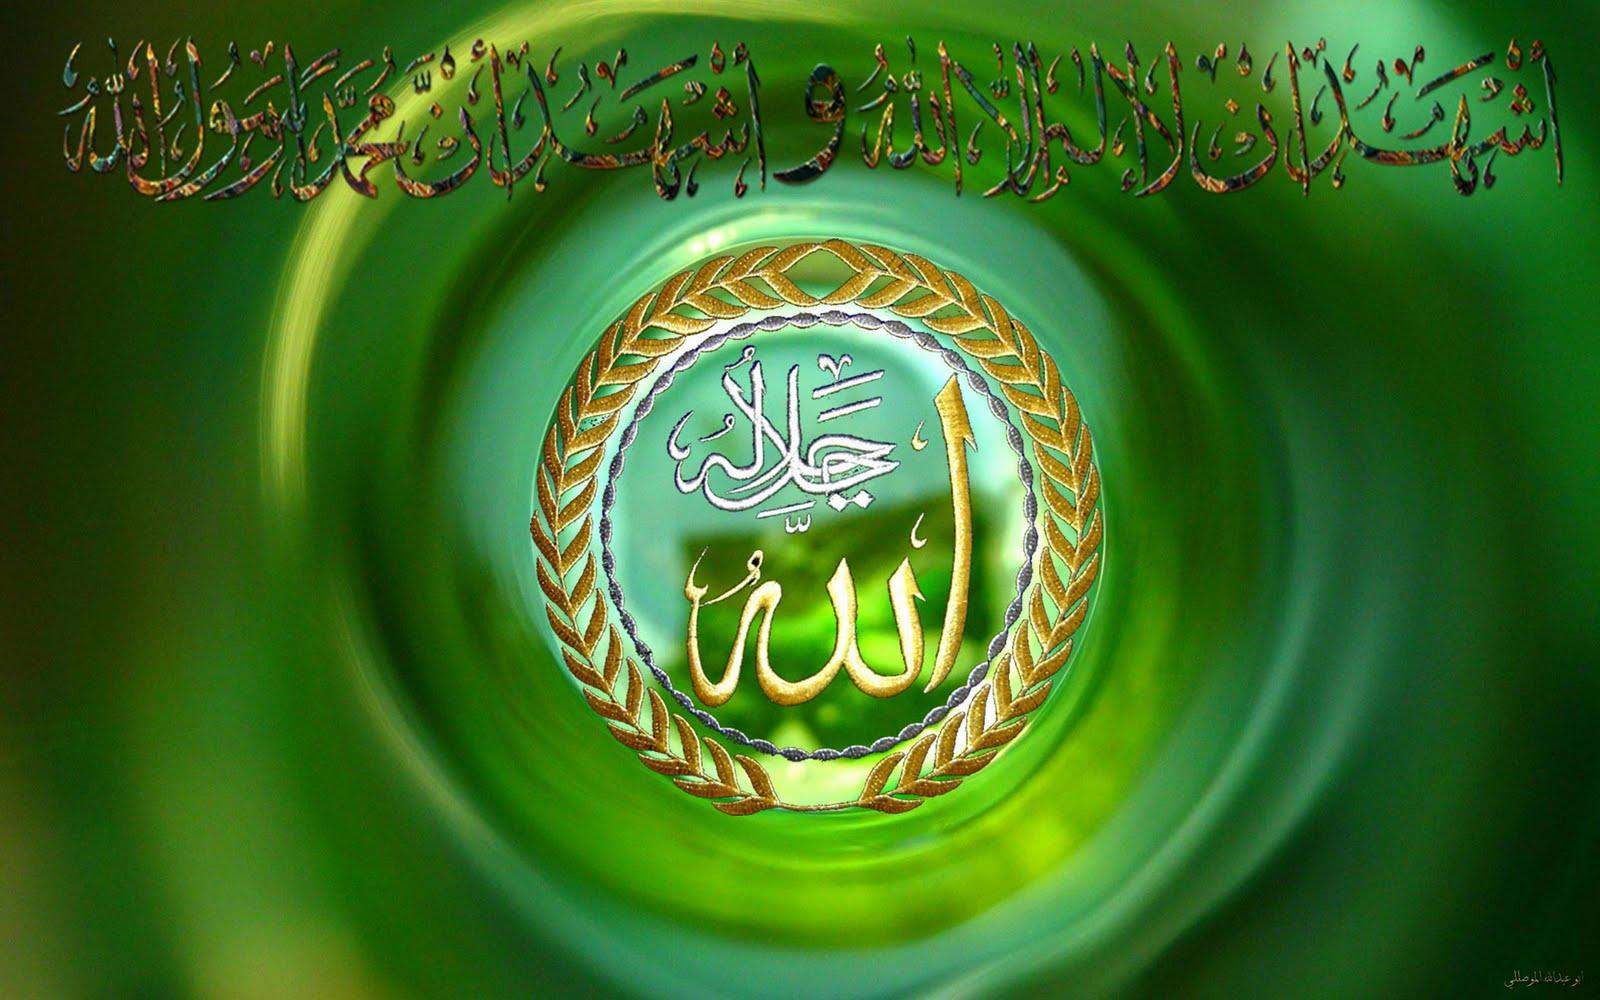 Kaligrafi Islam Wallpaper - WallpaperSafari